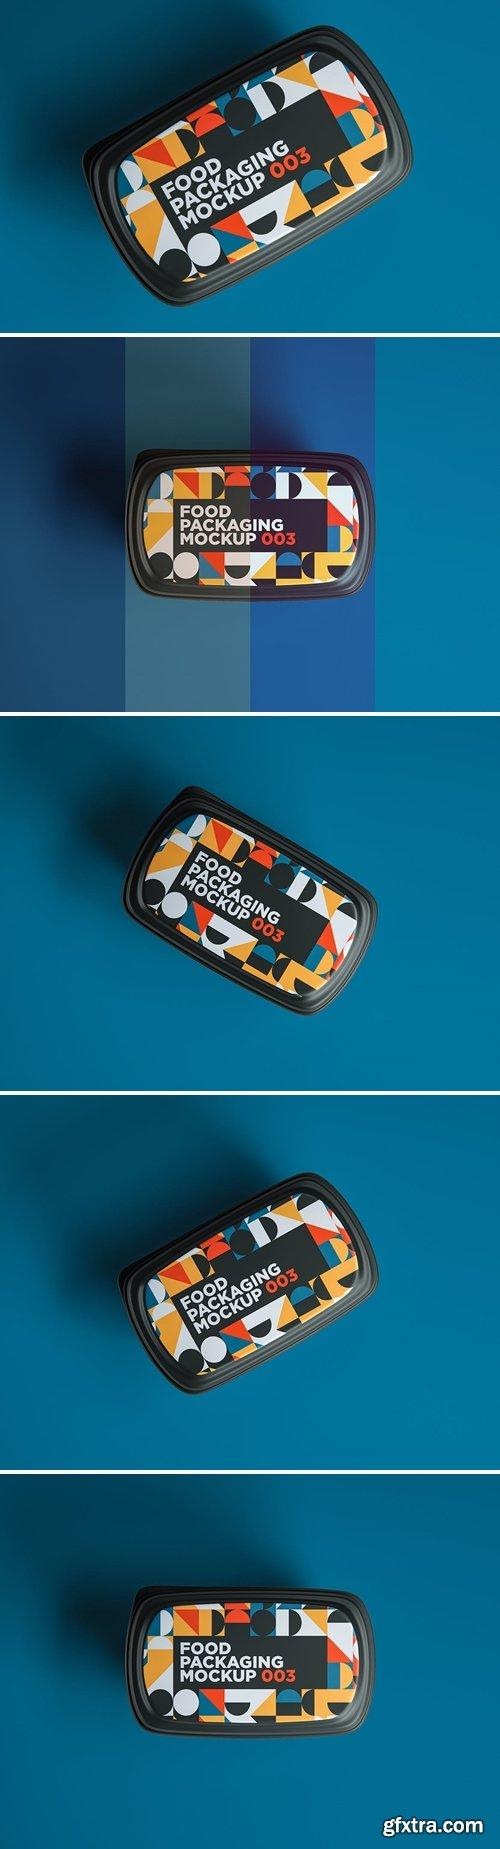 Food Packaging Mockup 003